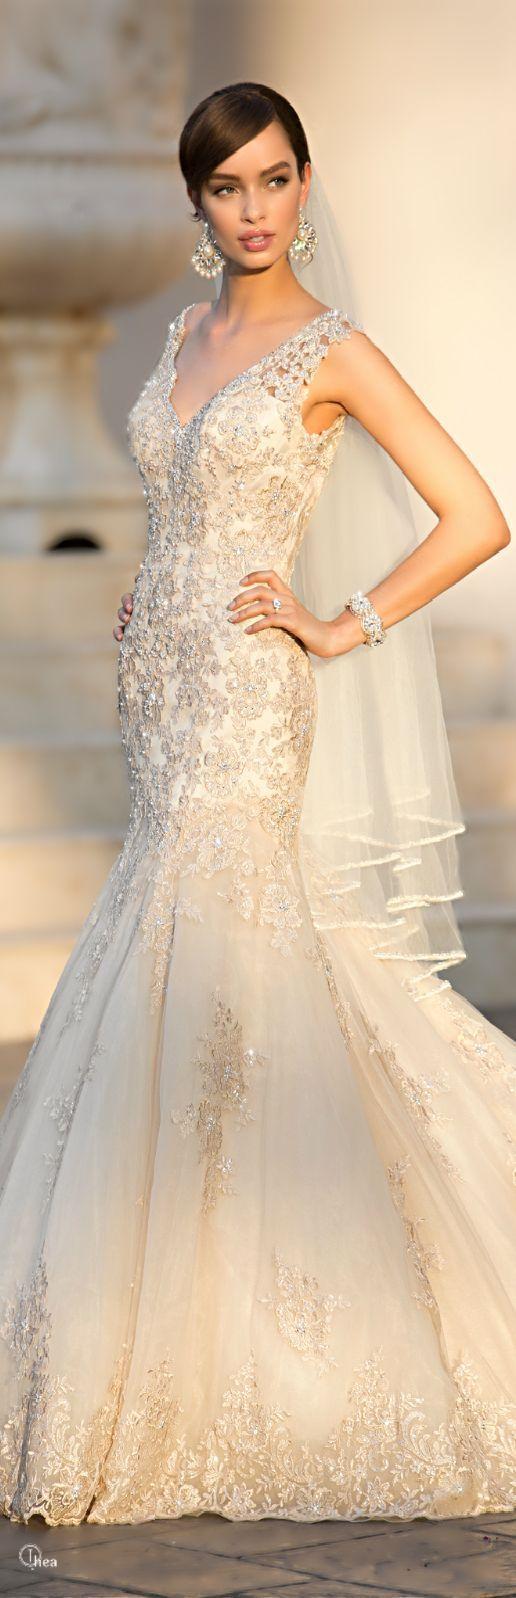 Düğün - Say Yes To This Dress